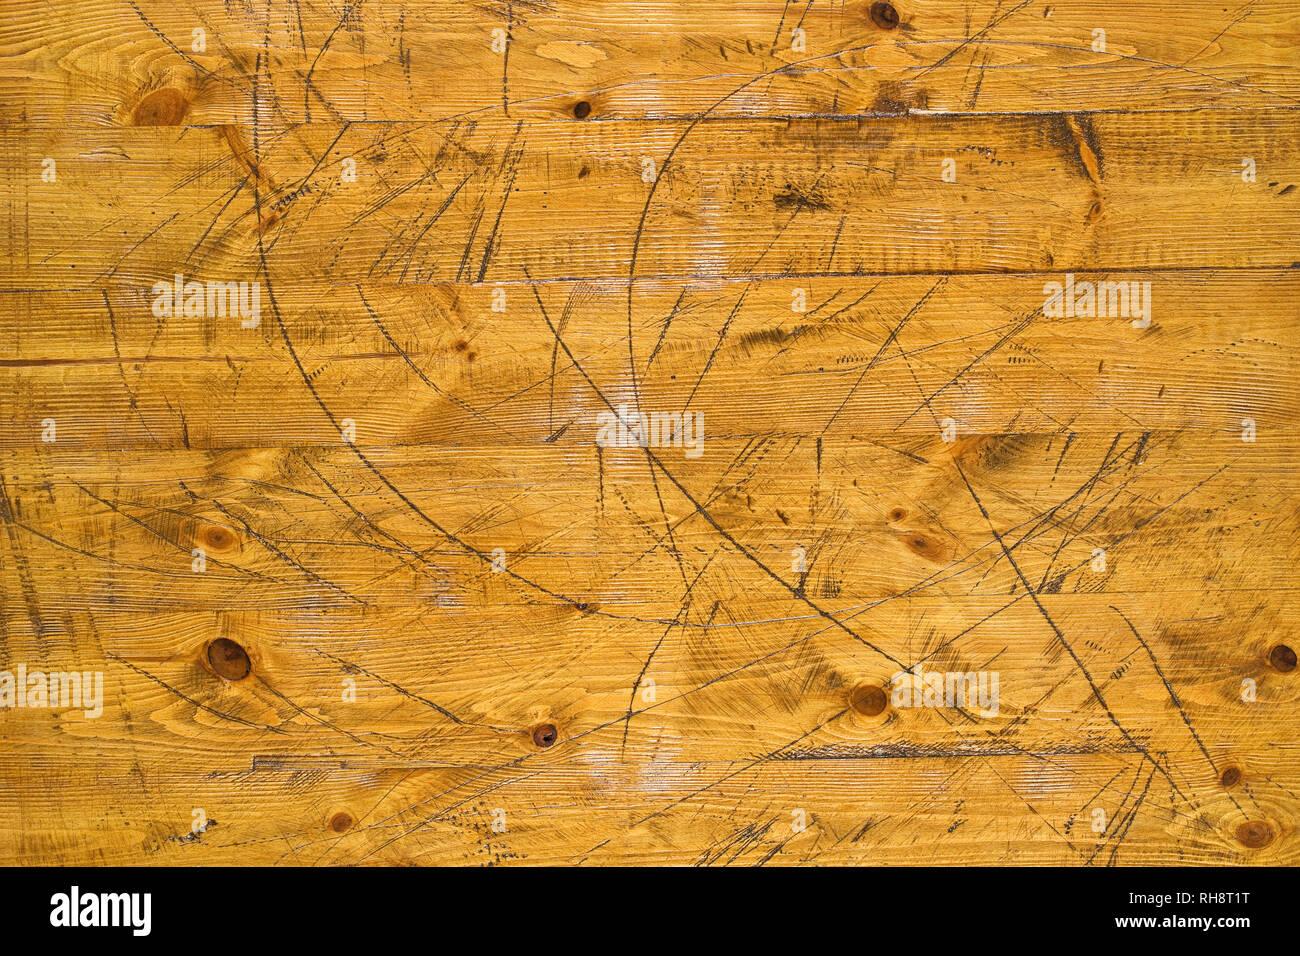 Marrone Vintage verniciato vecchio rustico in legno doghe orizzontali  texture di muro di sfondo. Sbiadita 1666c10ec0cc